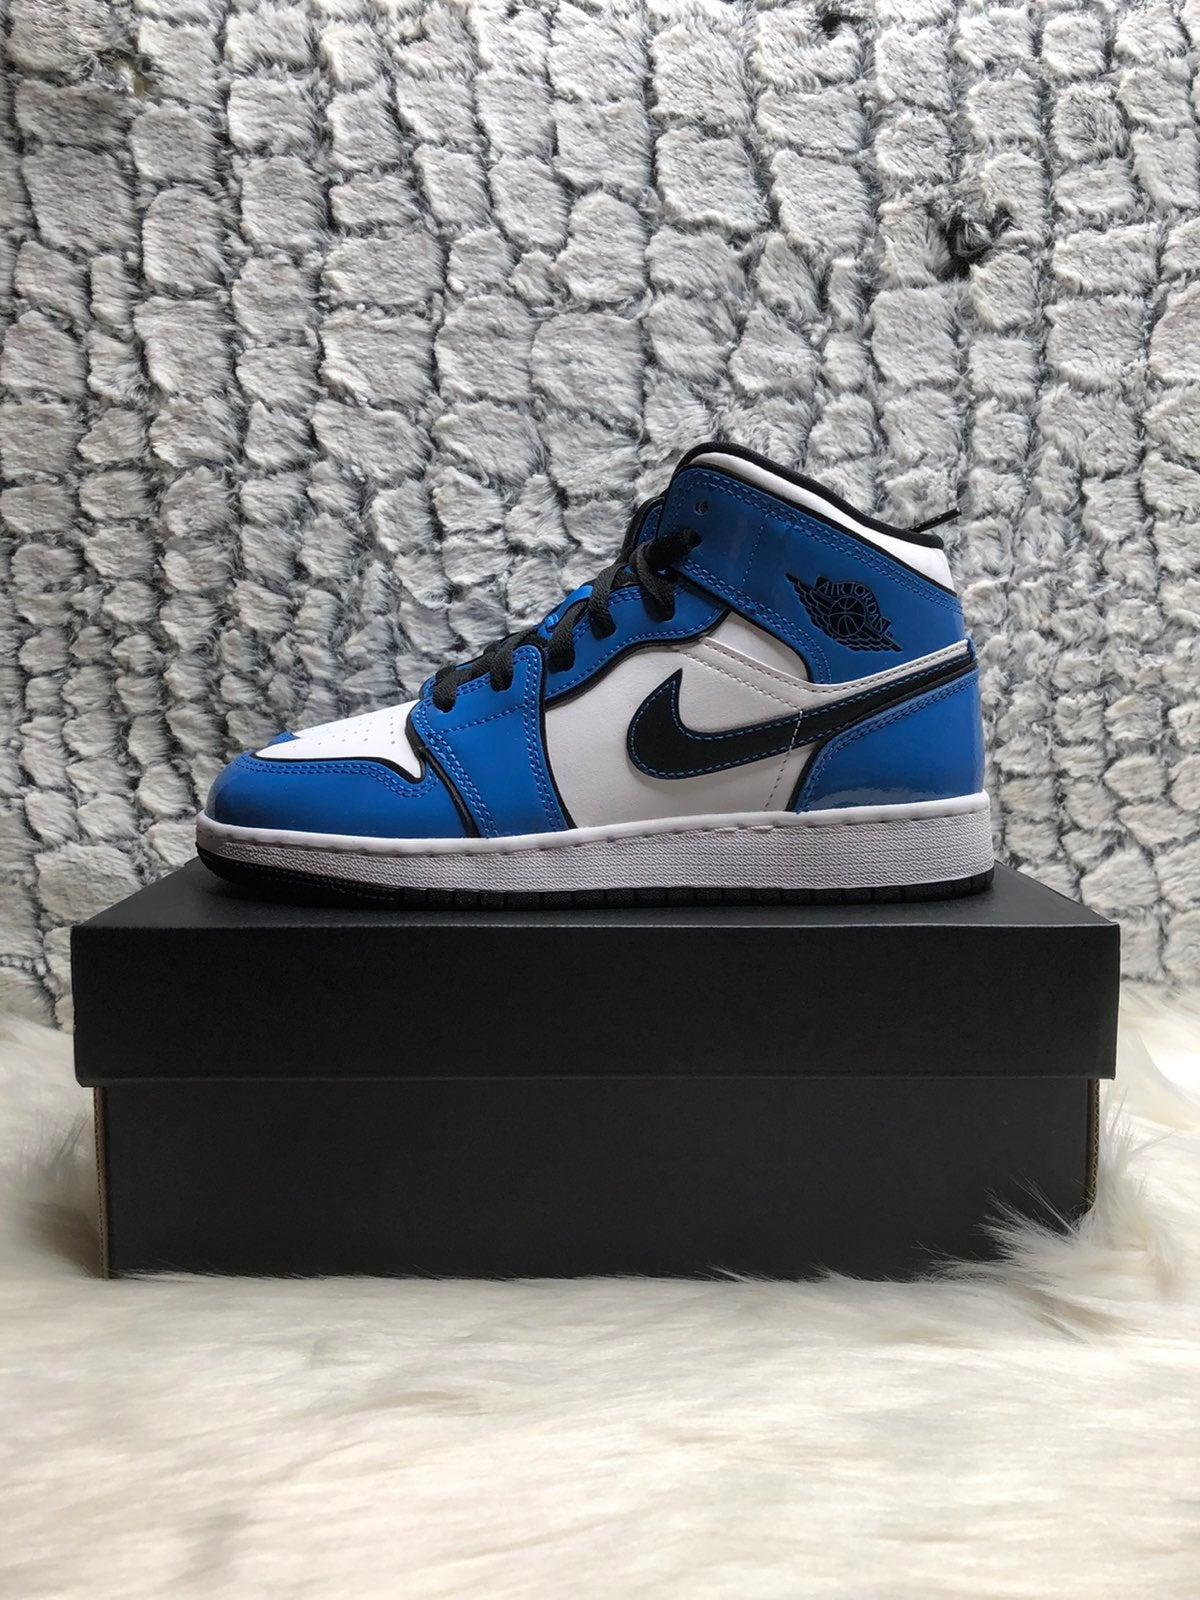 Jordan 1 signal blue